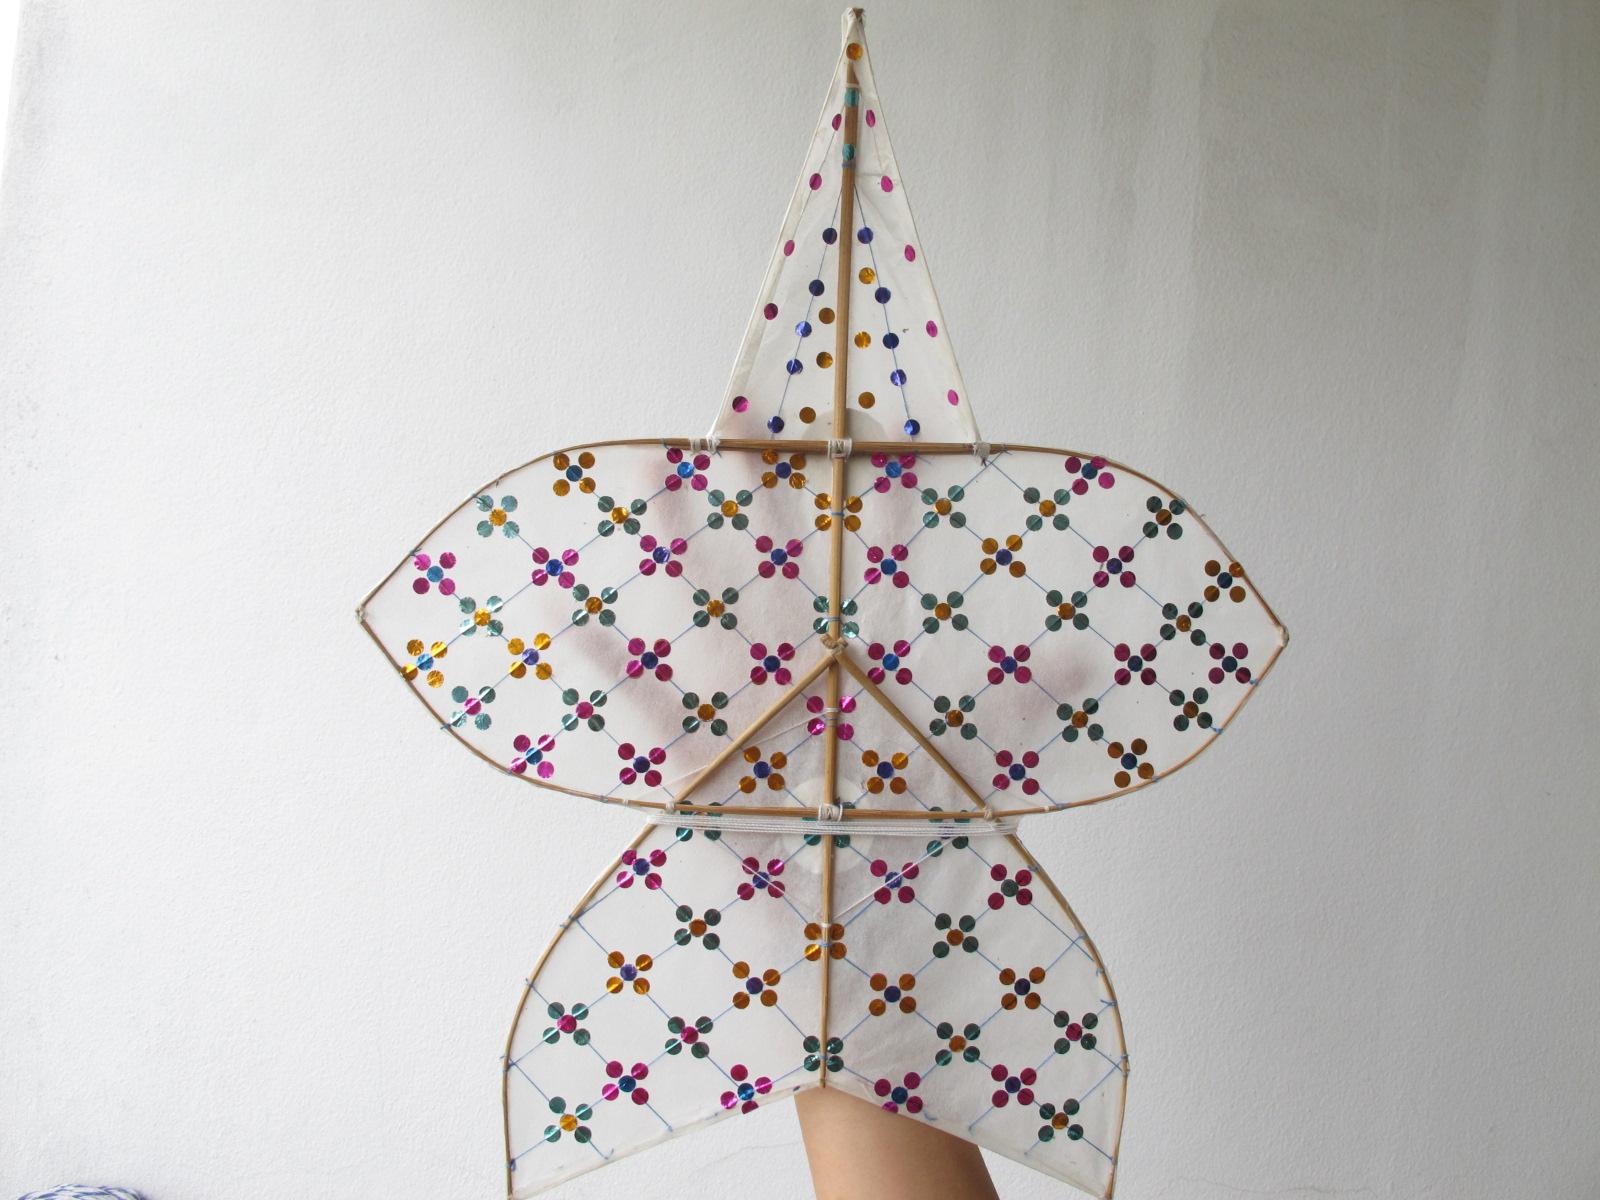 ว่าวจุฬาไทย ขนาดเล็ก - จำหน่าย มีด ไฟแช็ค อุปกรณ์เดินป่า เหรียญ แสตมป์  นาฬิกา หนังสือเก่า ของเก่า ของสะสม เปลือกหอย ของเล่น และ  สิ่งของจิปาฐะทั่วไป | https://tookhuay.com/ เว็บ หวยออนไลน์ ที่ดีที่สุด หวยหุ้น หวยฮานอย หวยลาว